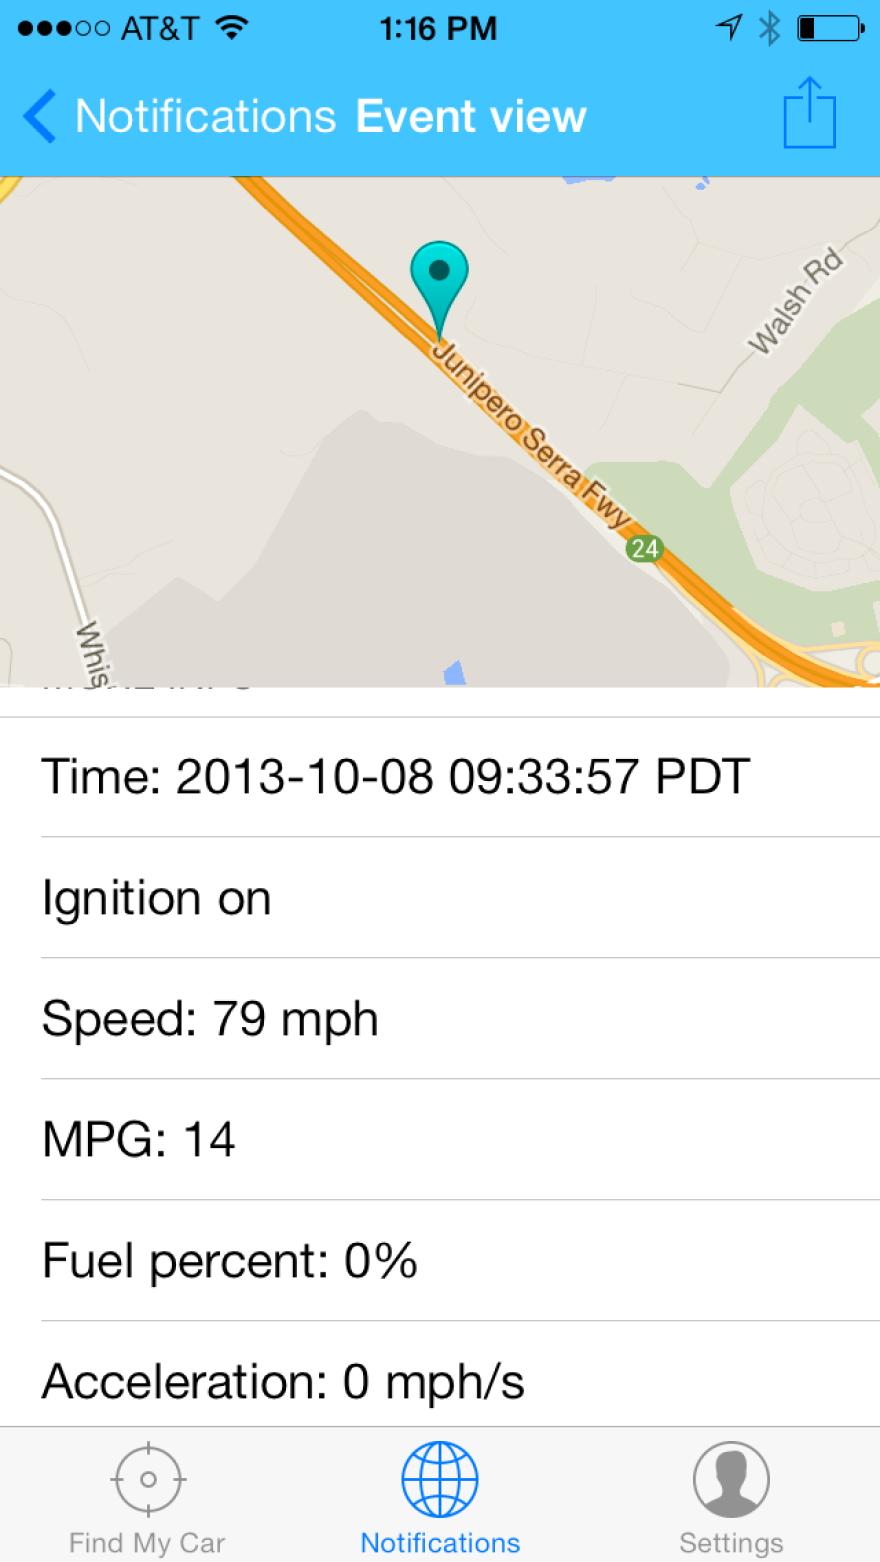 The Drive Pulse app shows details of driving data for NPR's Steve Henn.